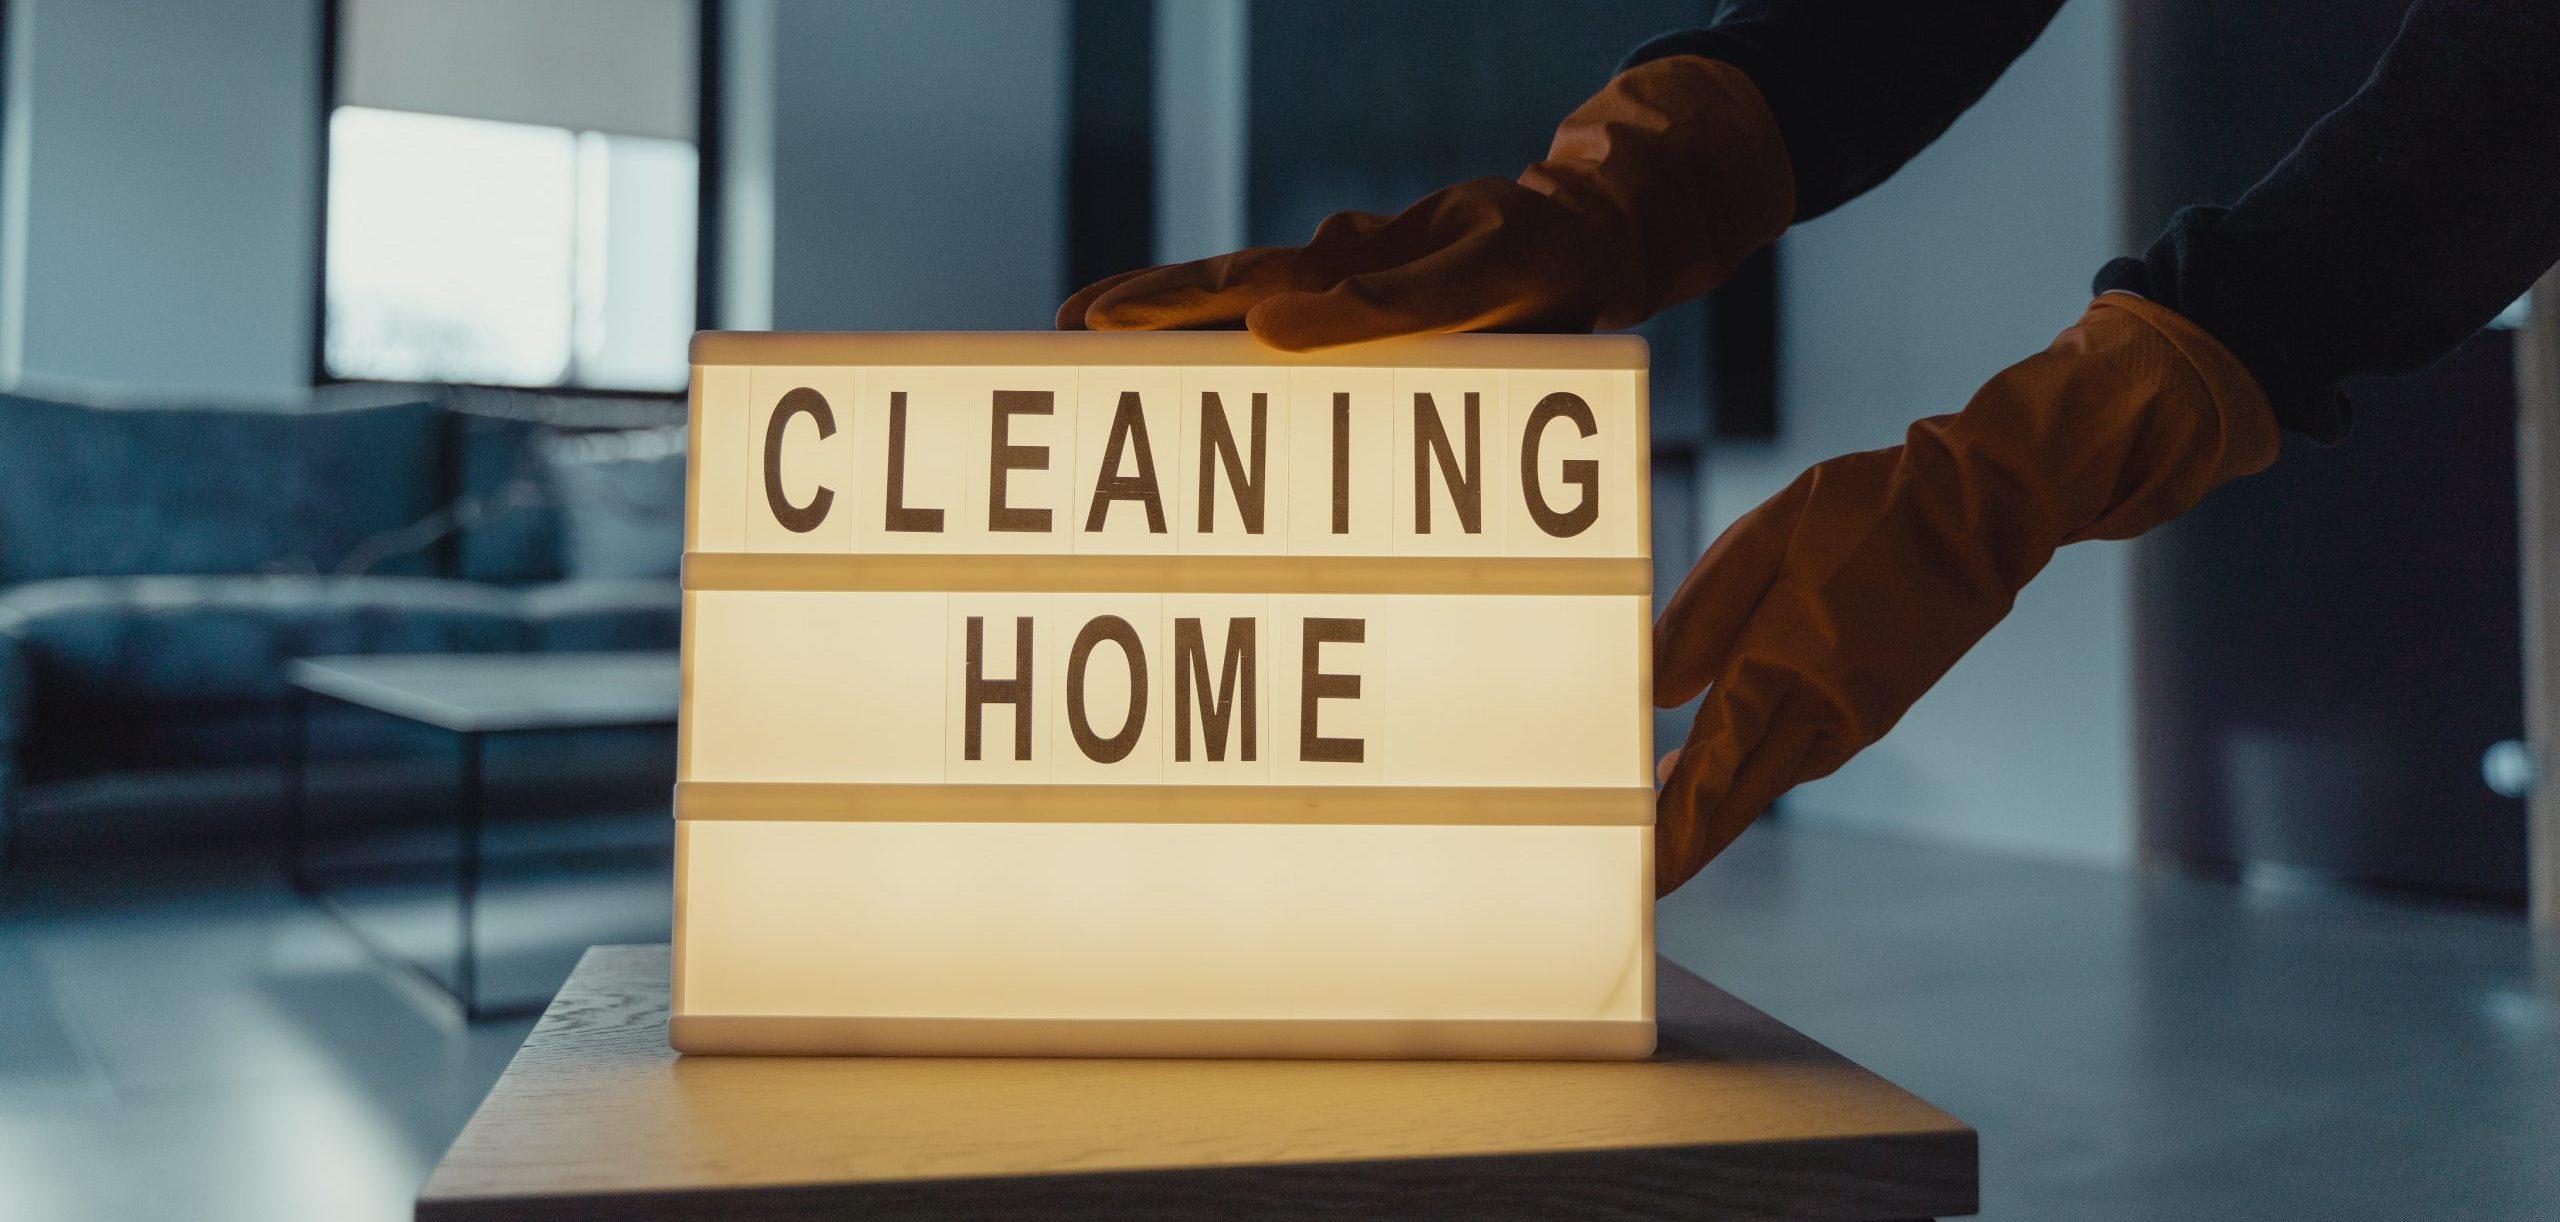 Banner dla artykułu na temat ozonowania - na obrazku widać tabliczkę z napisem cleaning home stawianą na stole przez osobę w pomarańczowych rękawiczkach